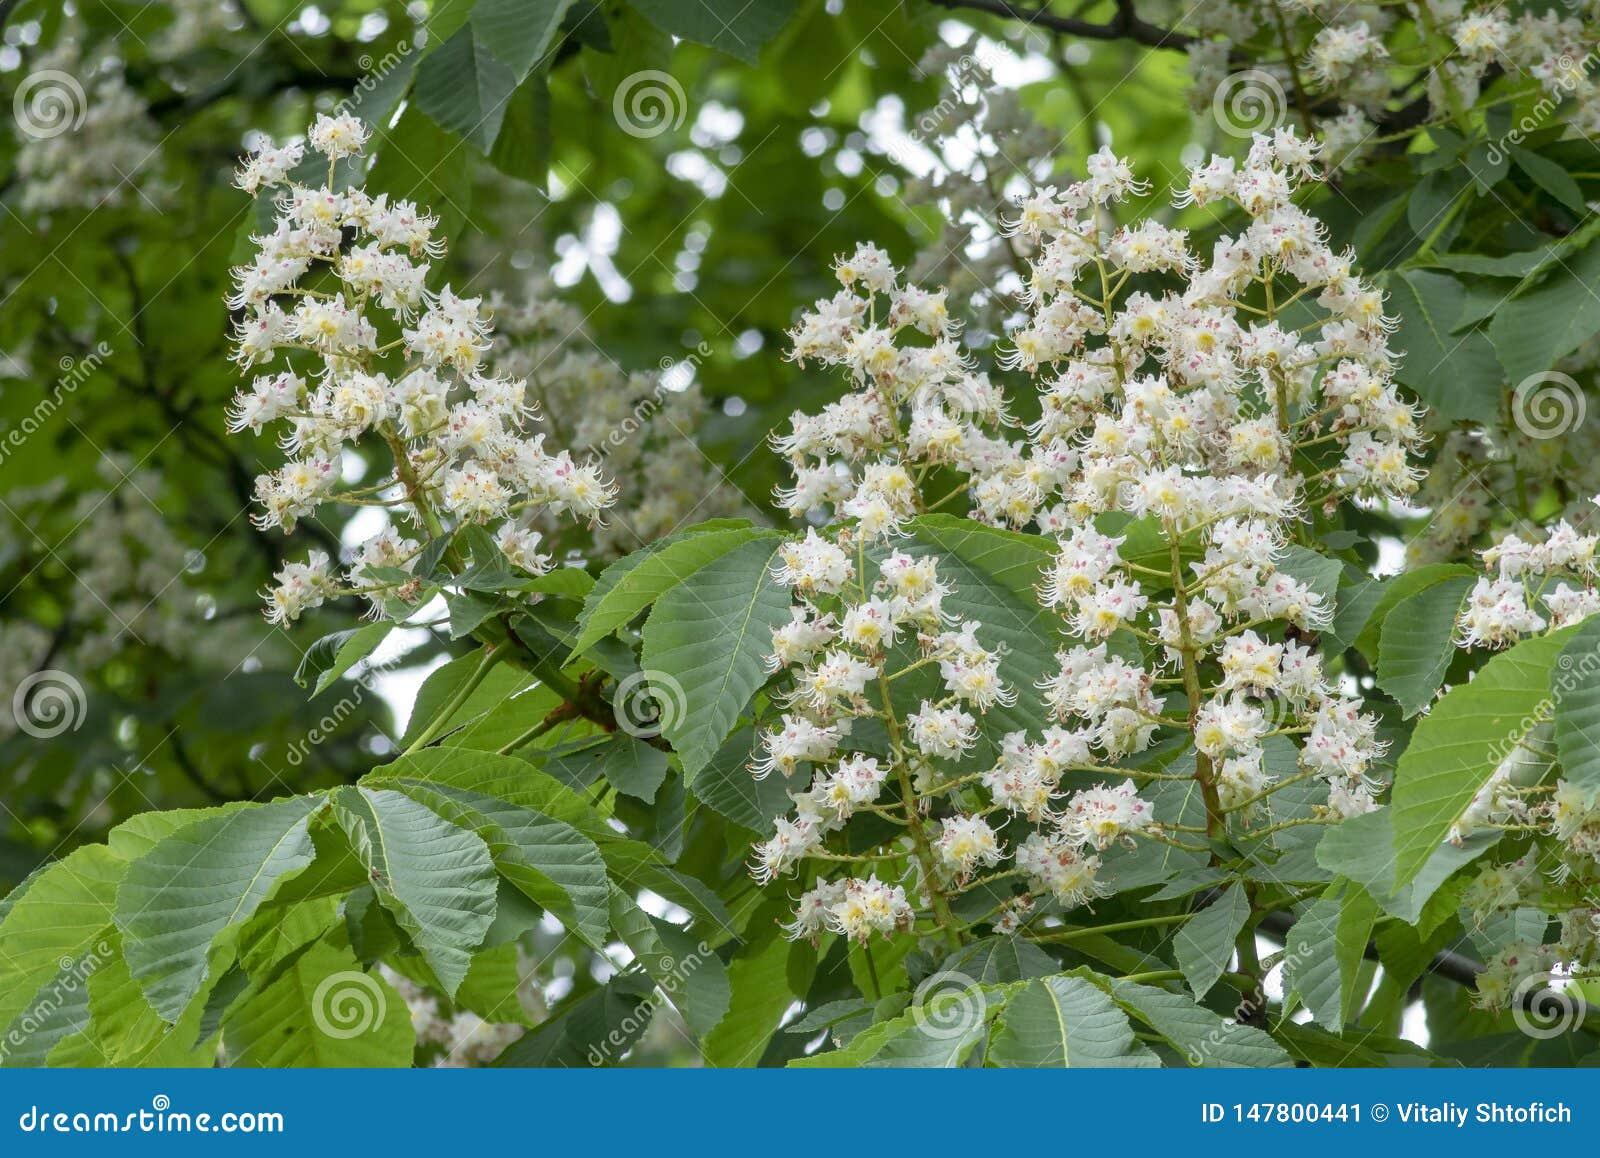 Castagna del fiore della castagna su un fondo verde